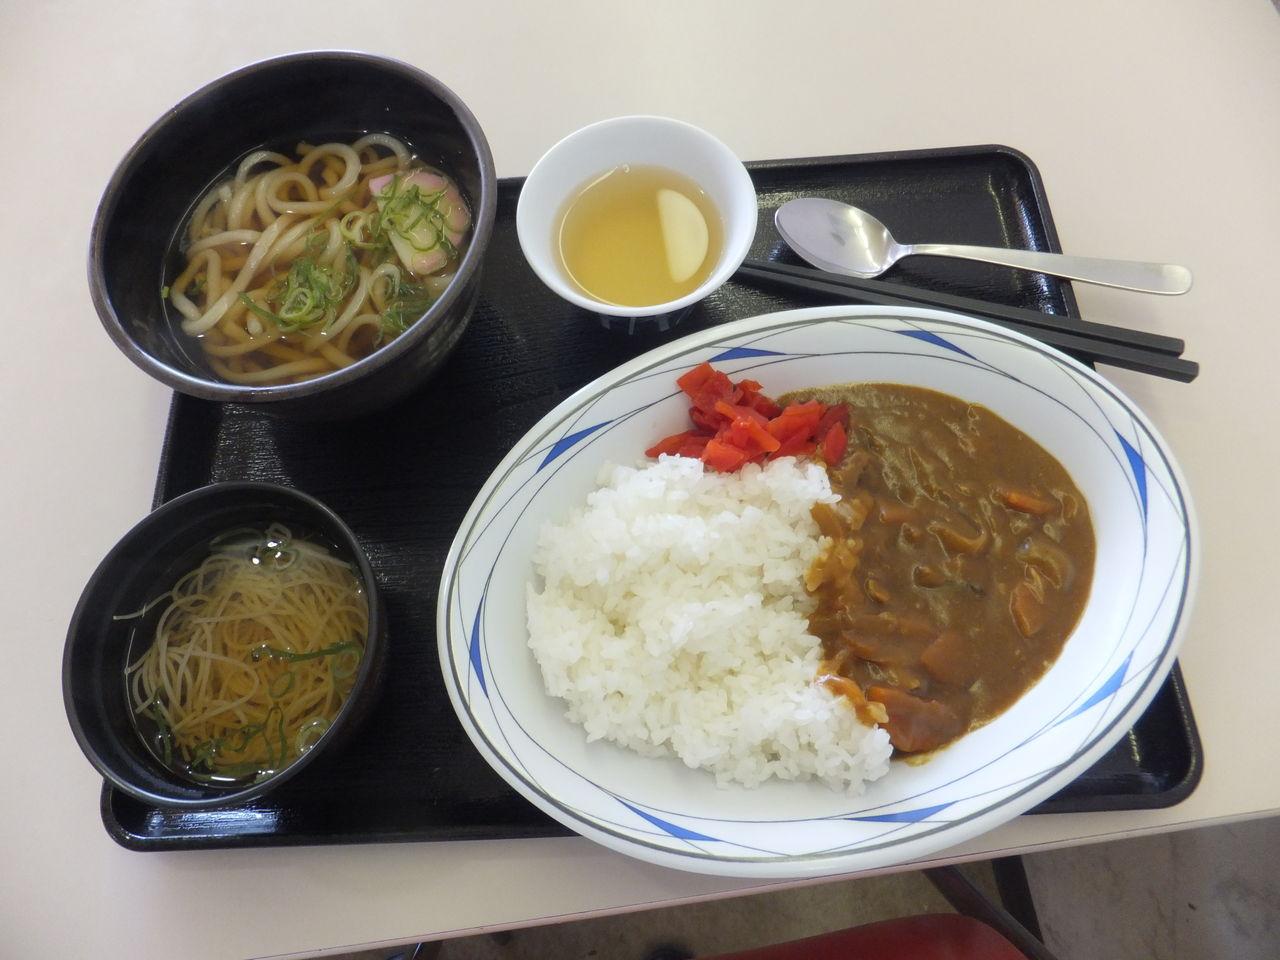 大阪府北河内府民センターの食堂 : furukawa2345のblog